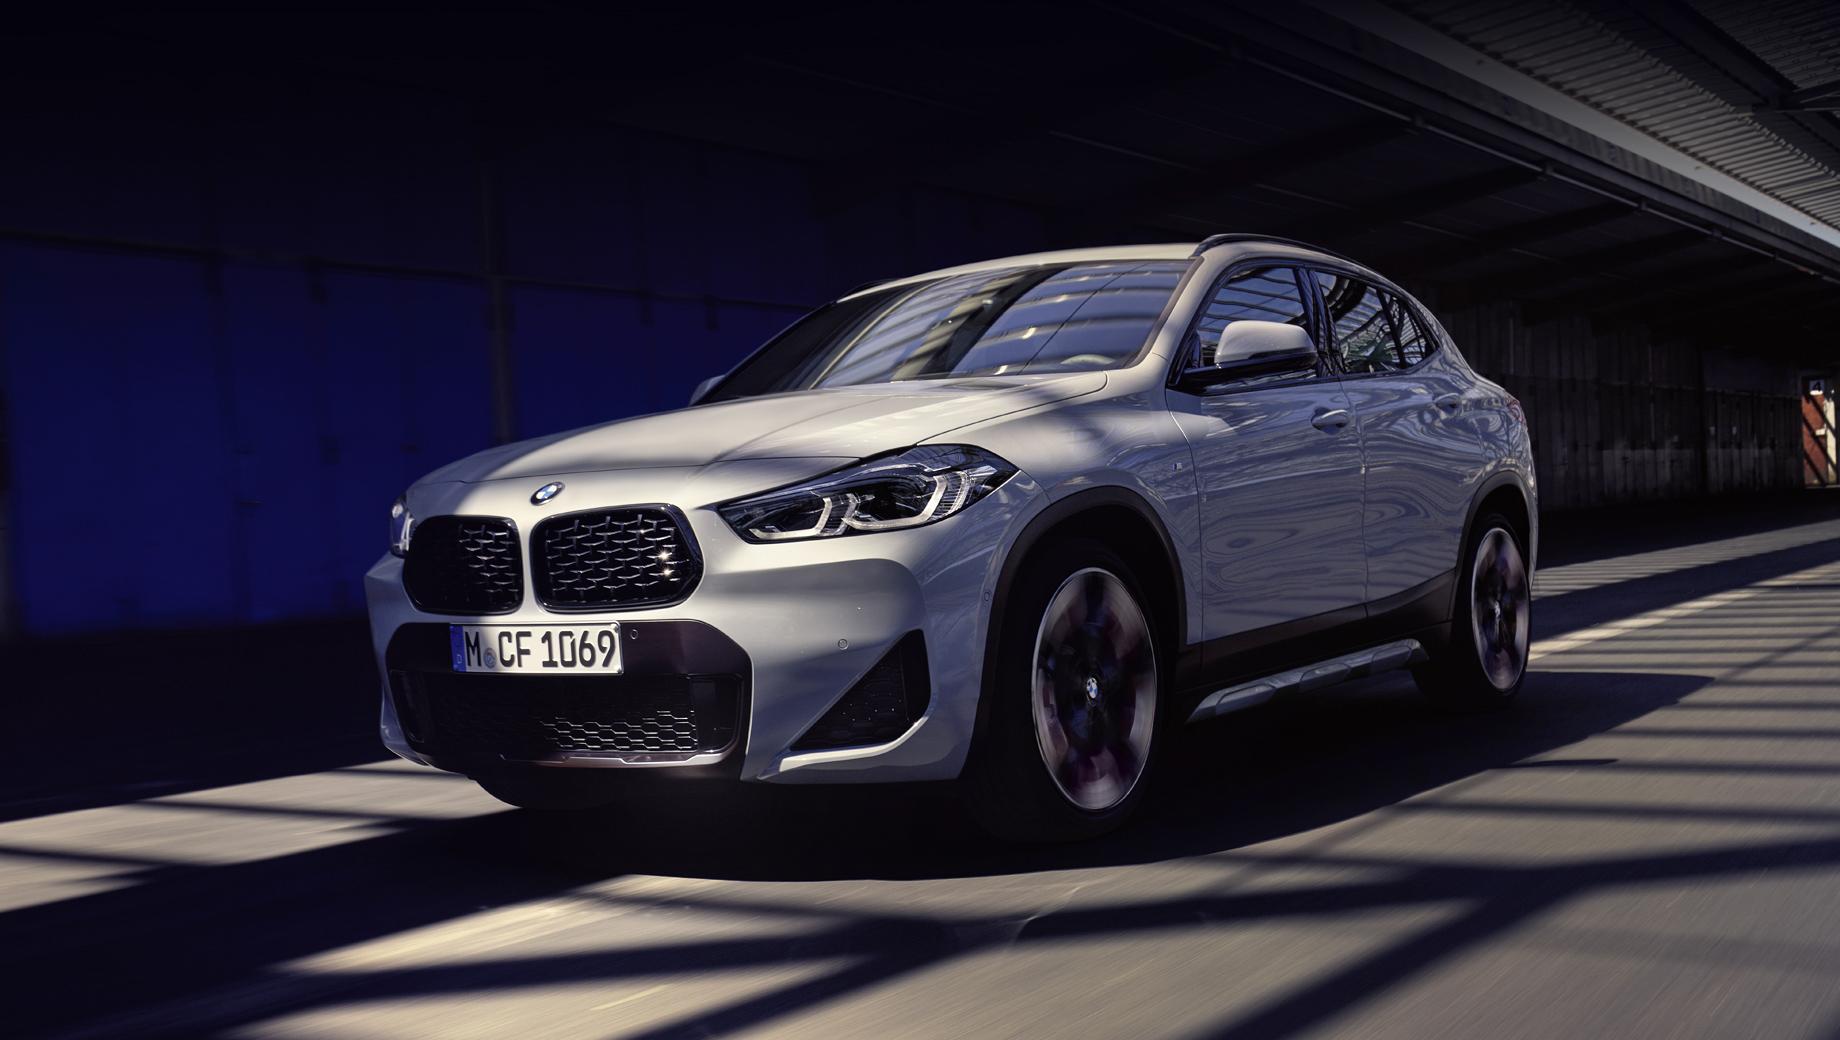 Паркетник BMW X2 M Mesh предложил спорт для экономных